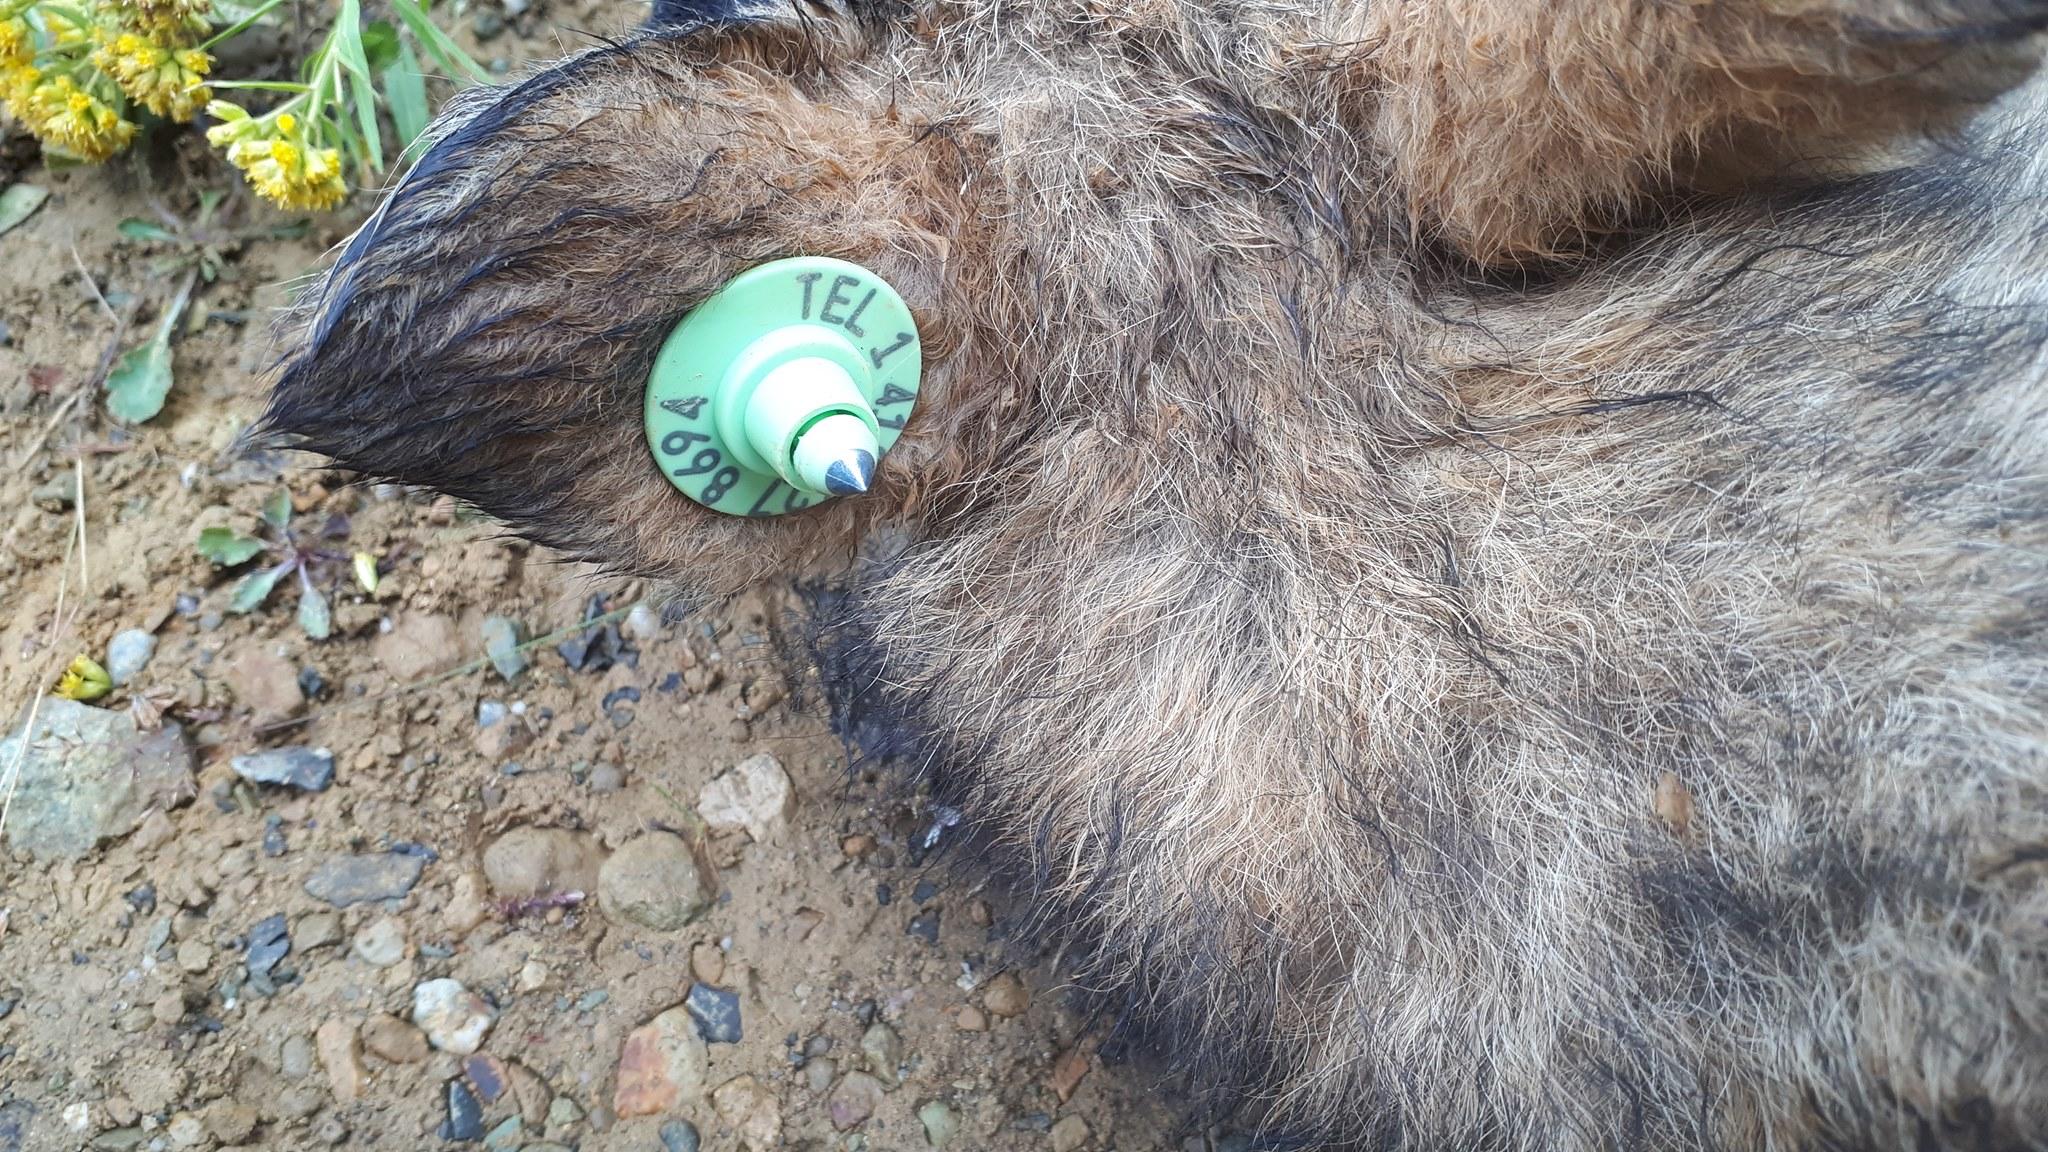 Coyotes porteurs de colliers télémétriques : une étude est en cours